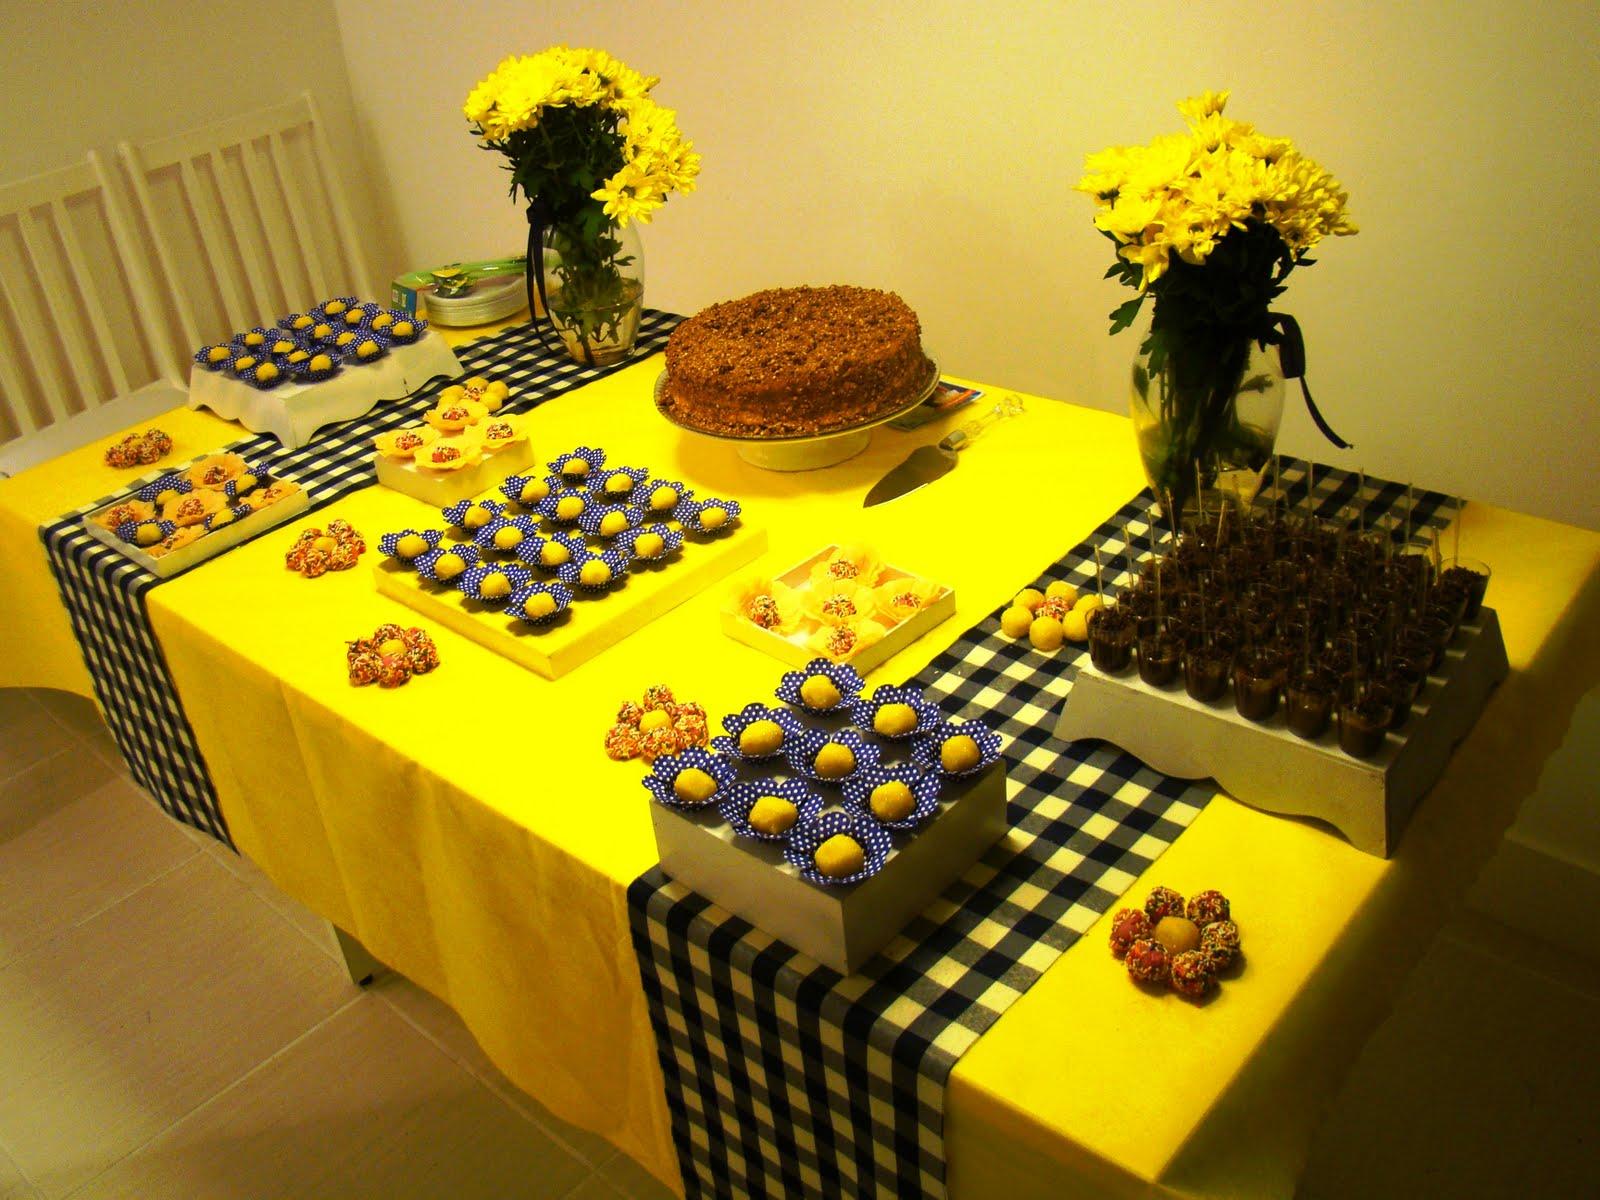 decoracao festa infantil azul e amarelo : decoracao festa infantil azul e amarelo:Fusca Rosa: Decoração de Festa – Azul marinho e amarelo